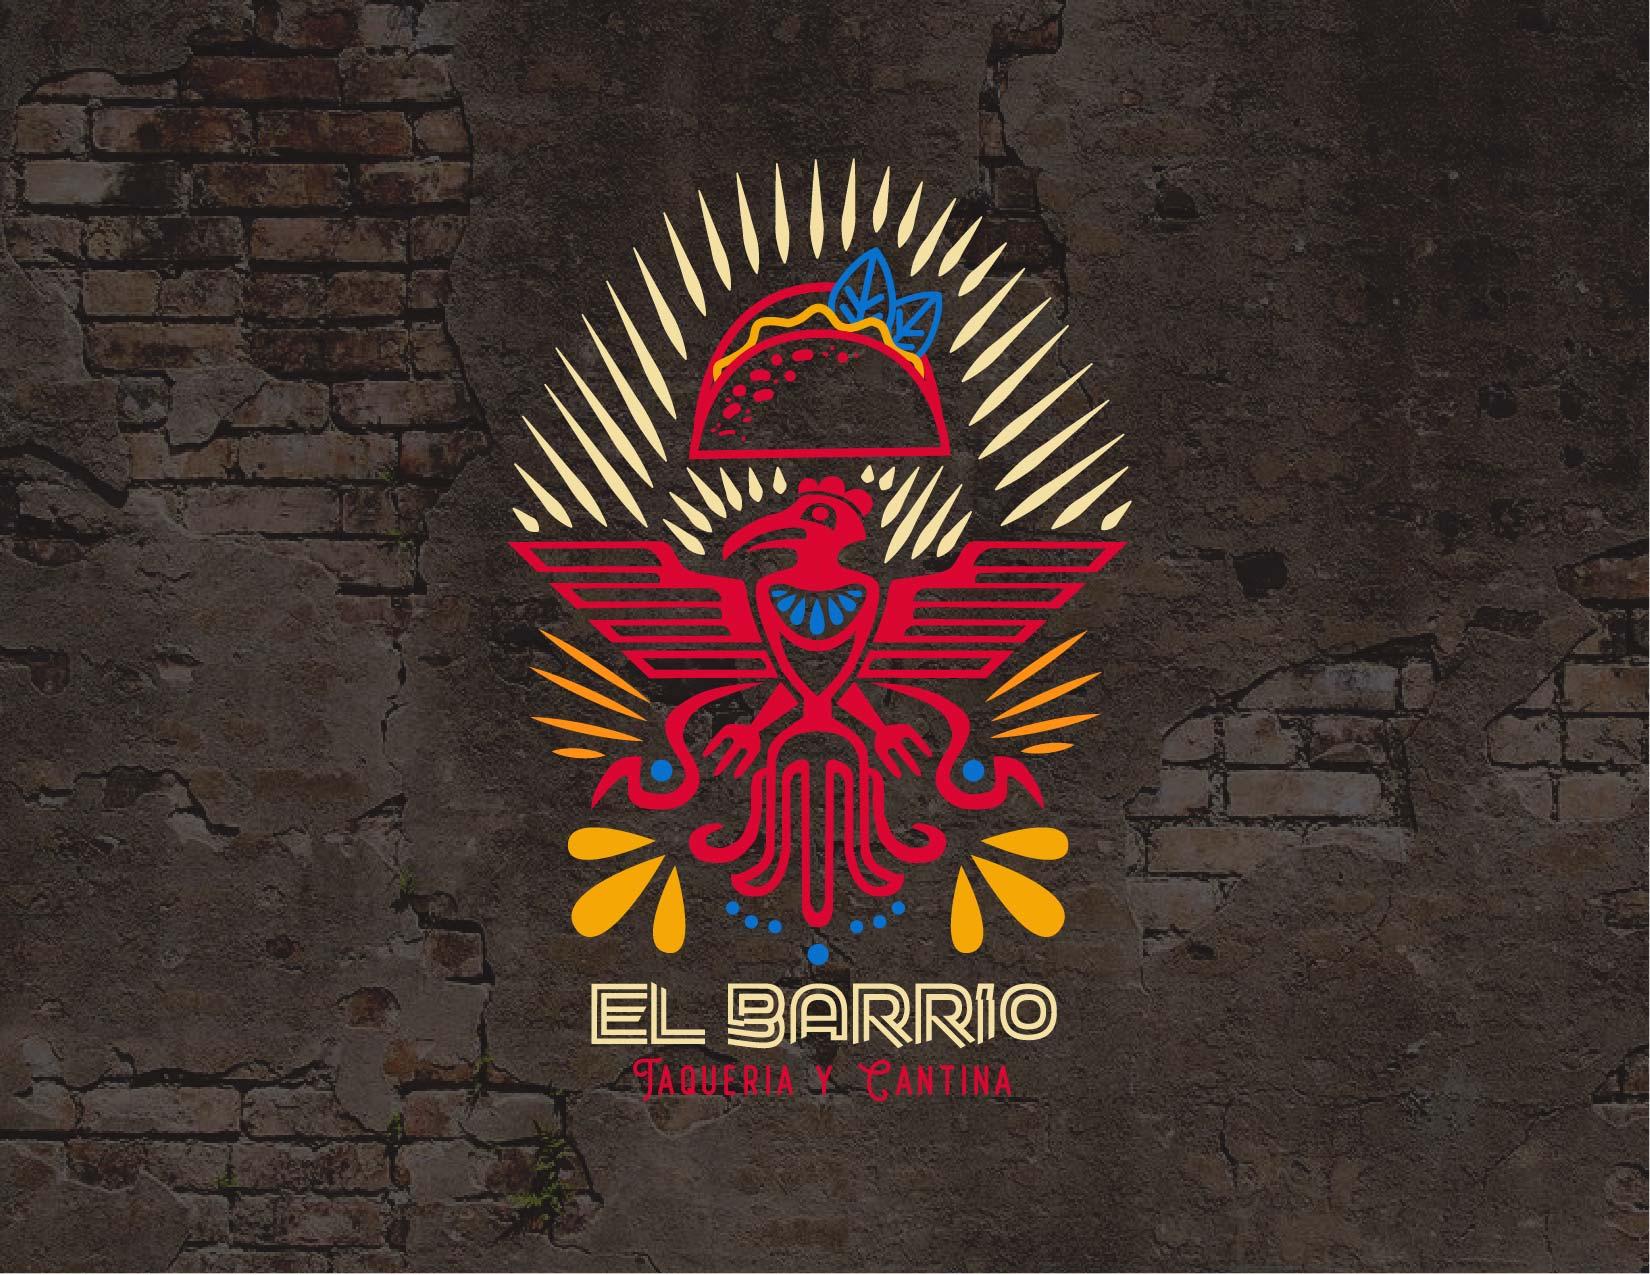 El Barrio_Case Study-01.jpg